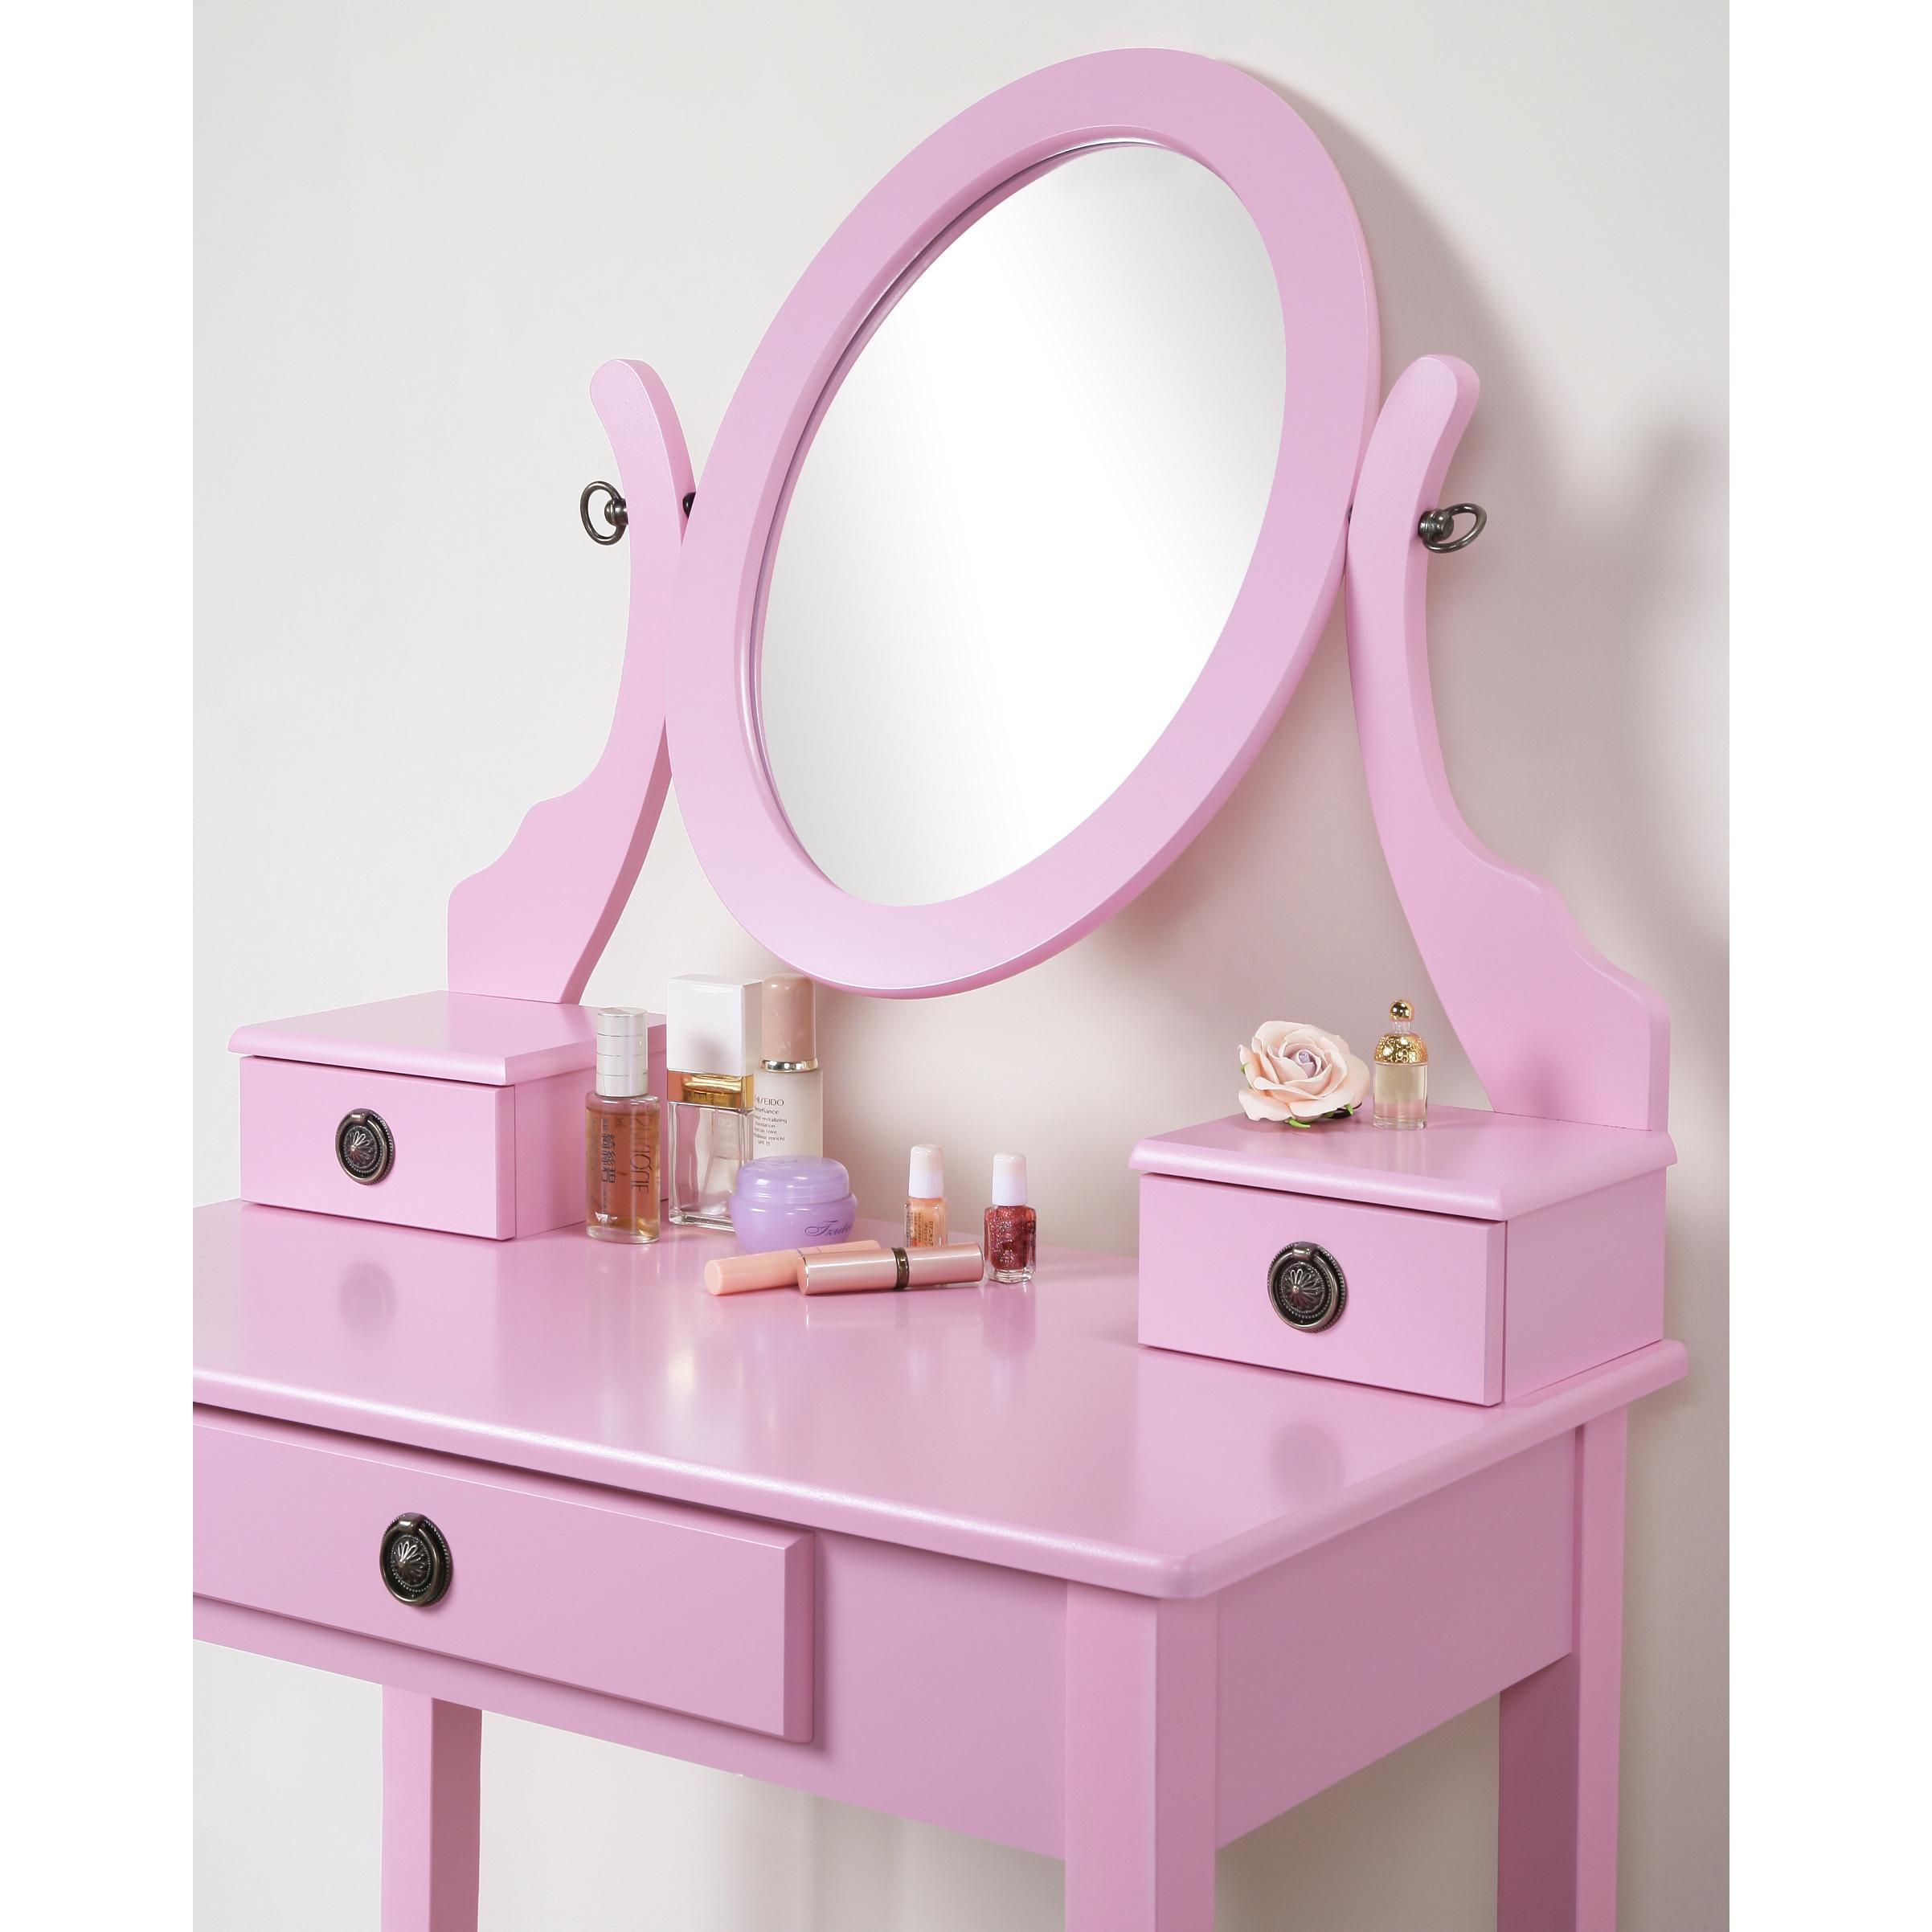 Roundhill Furniture Moniya White Wood Vanity Table And